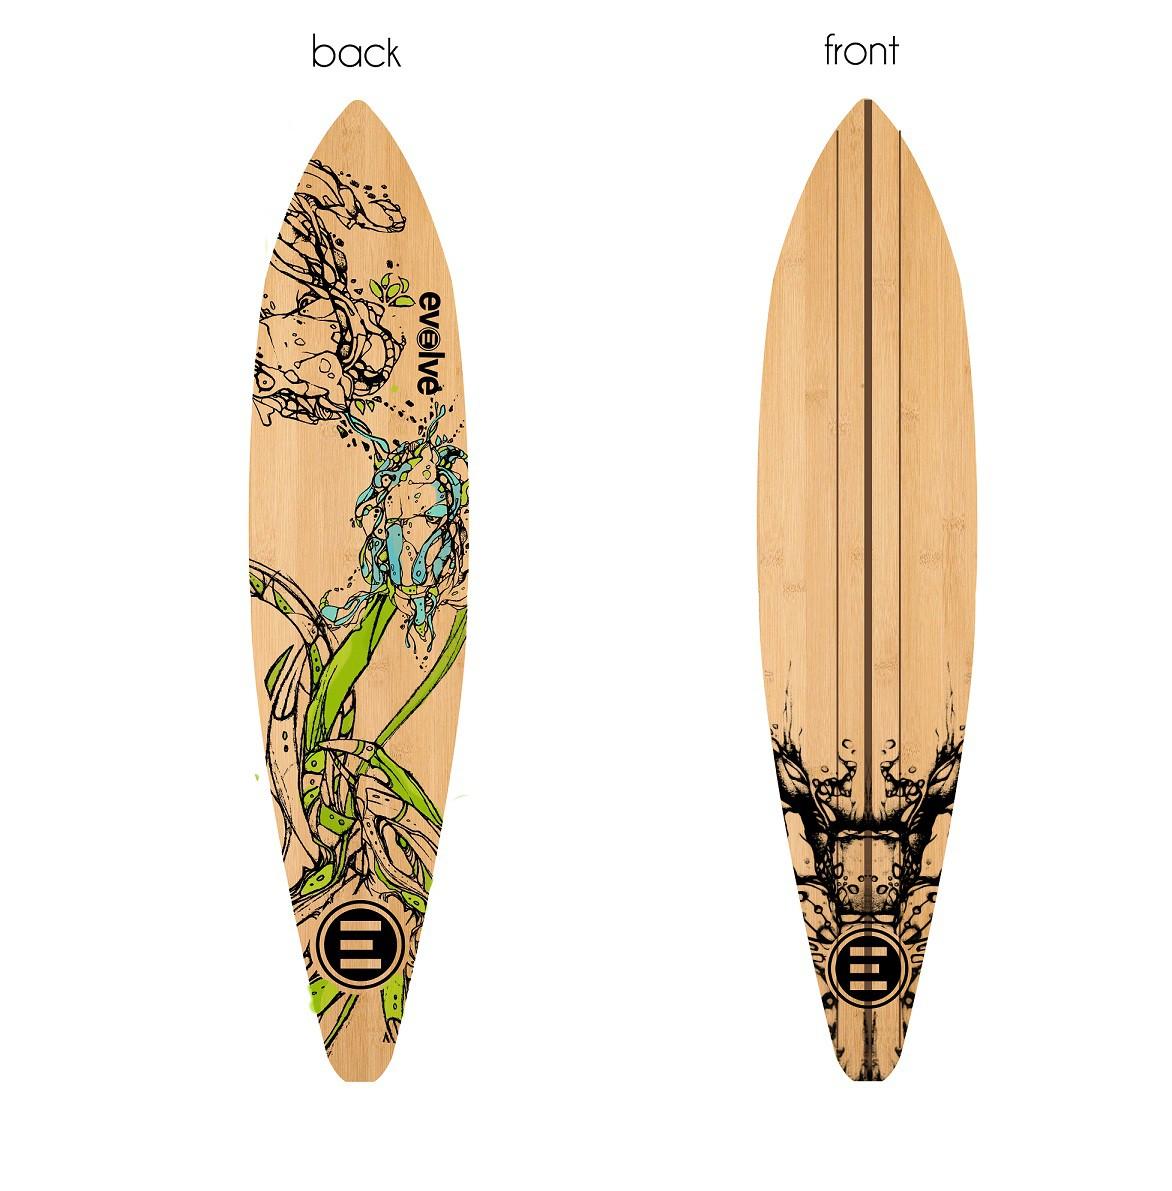 需要令人敬畏的滑板甲板设计!